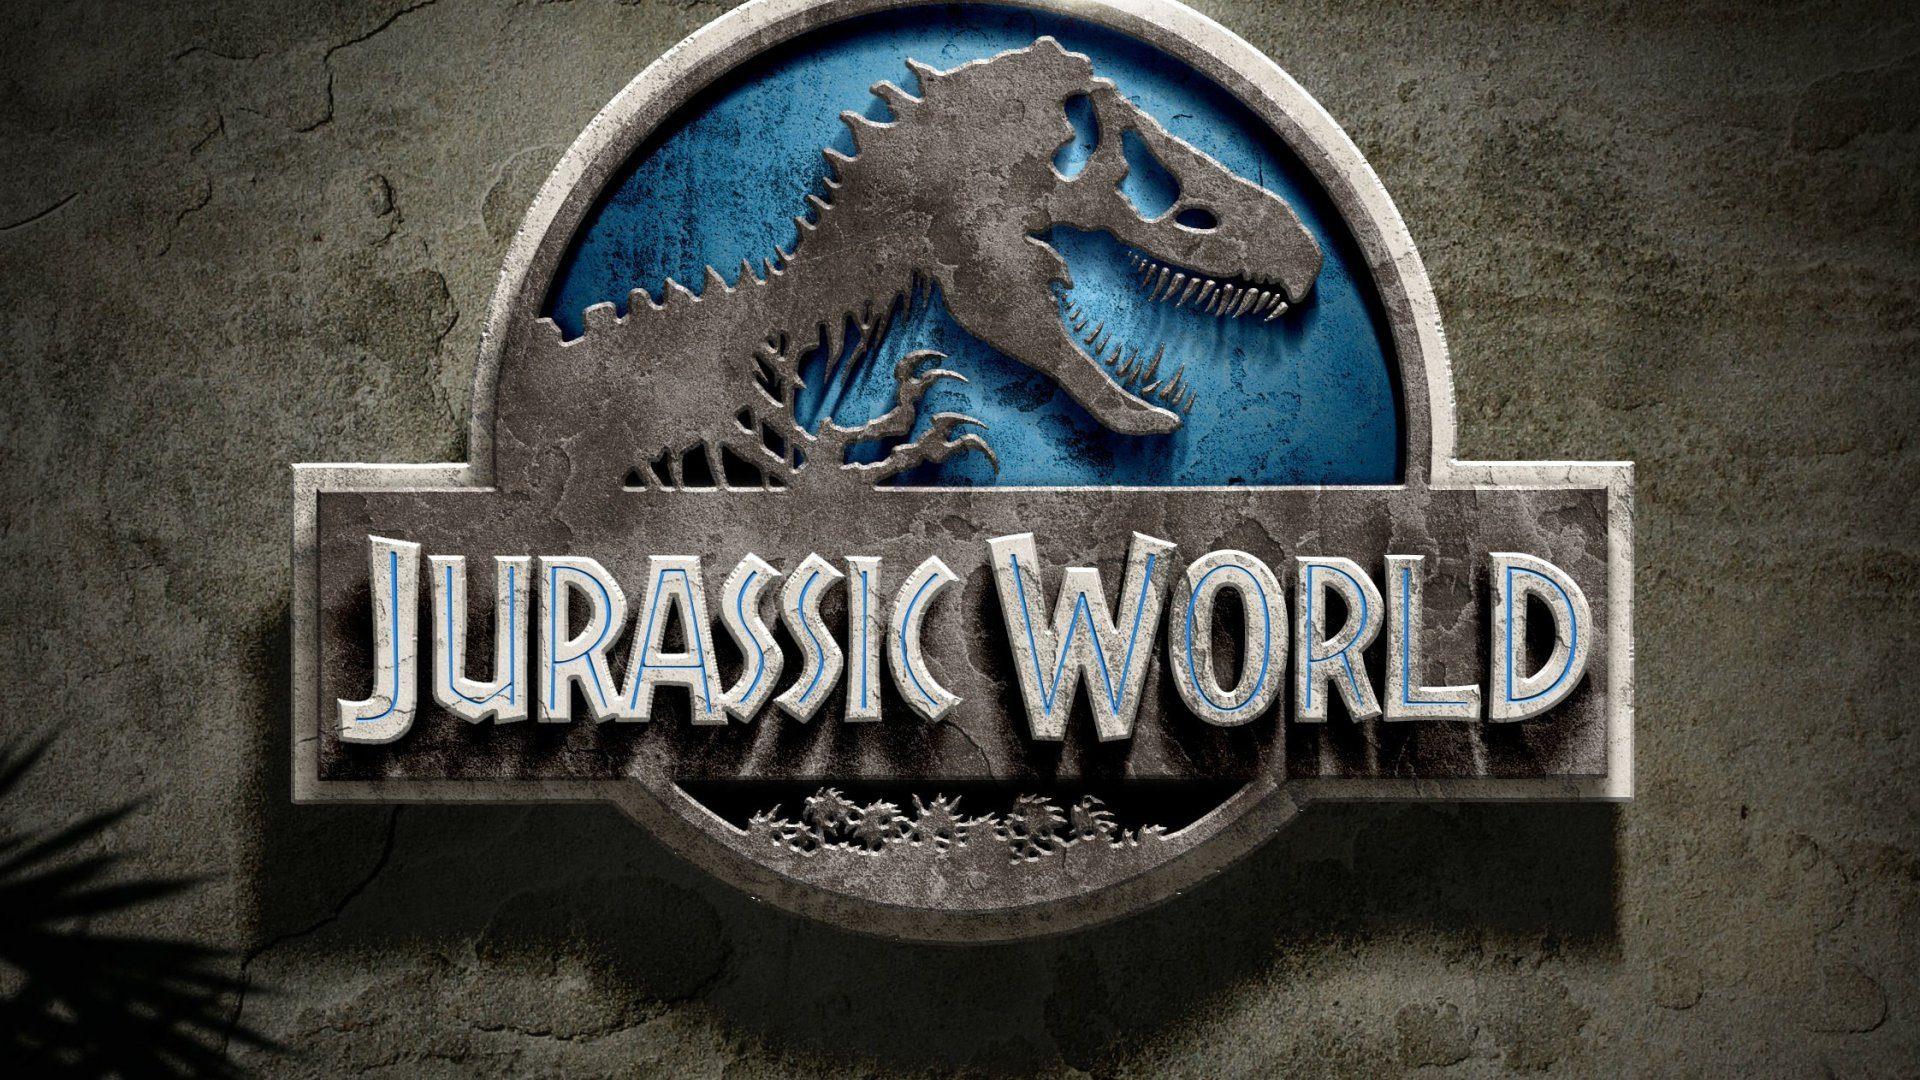 Jurassic World: A Whole New 'World'?